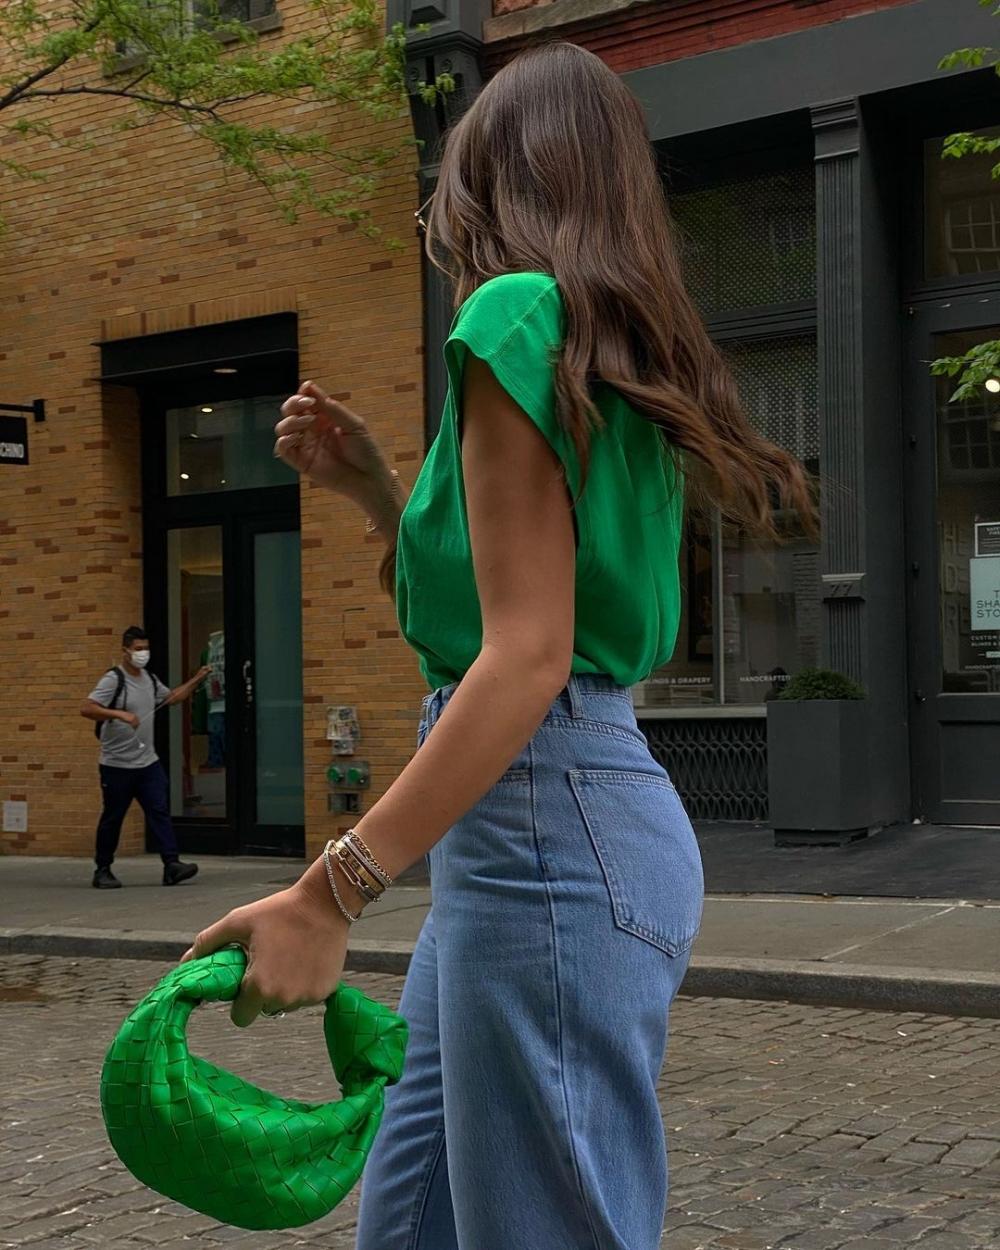 一起迎接燦爛陽光的夏日季節,翻完撞色的手袋時髦穿搭